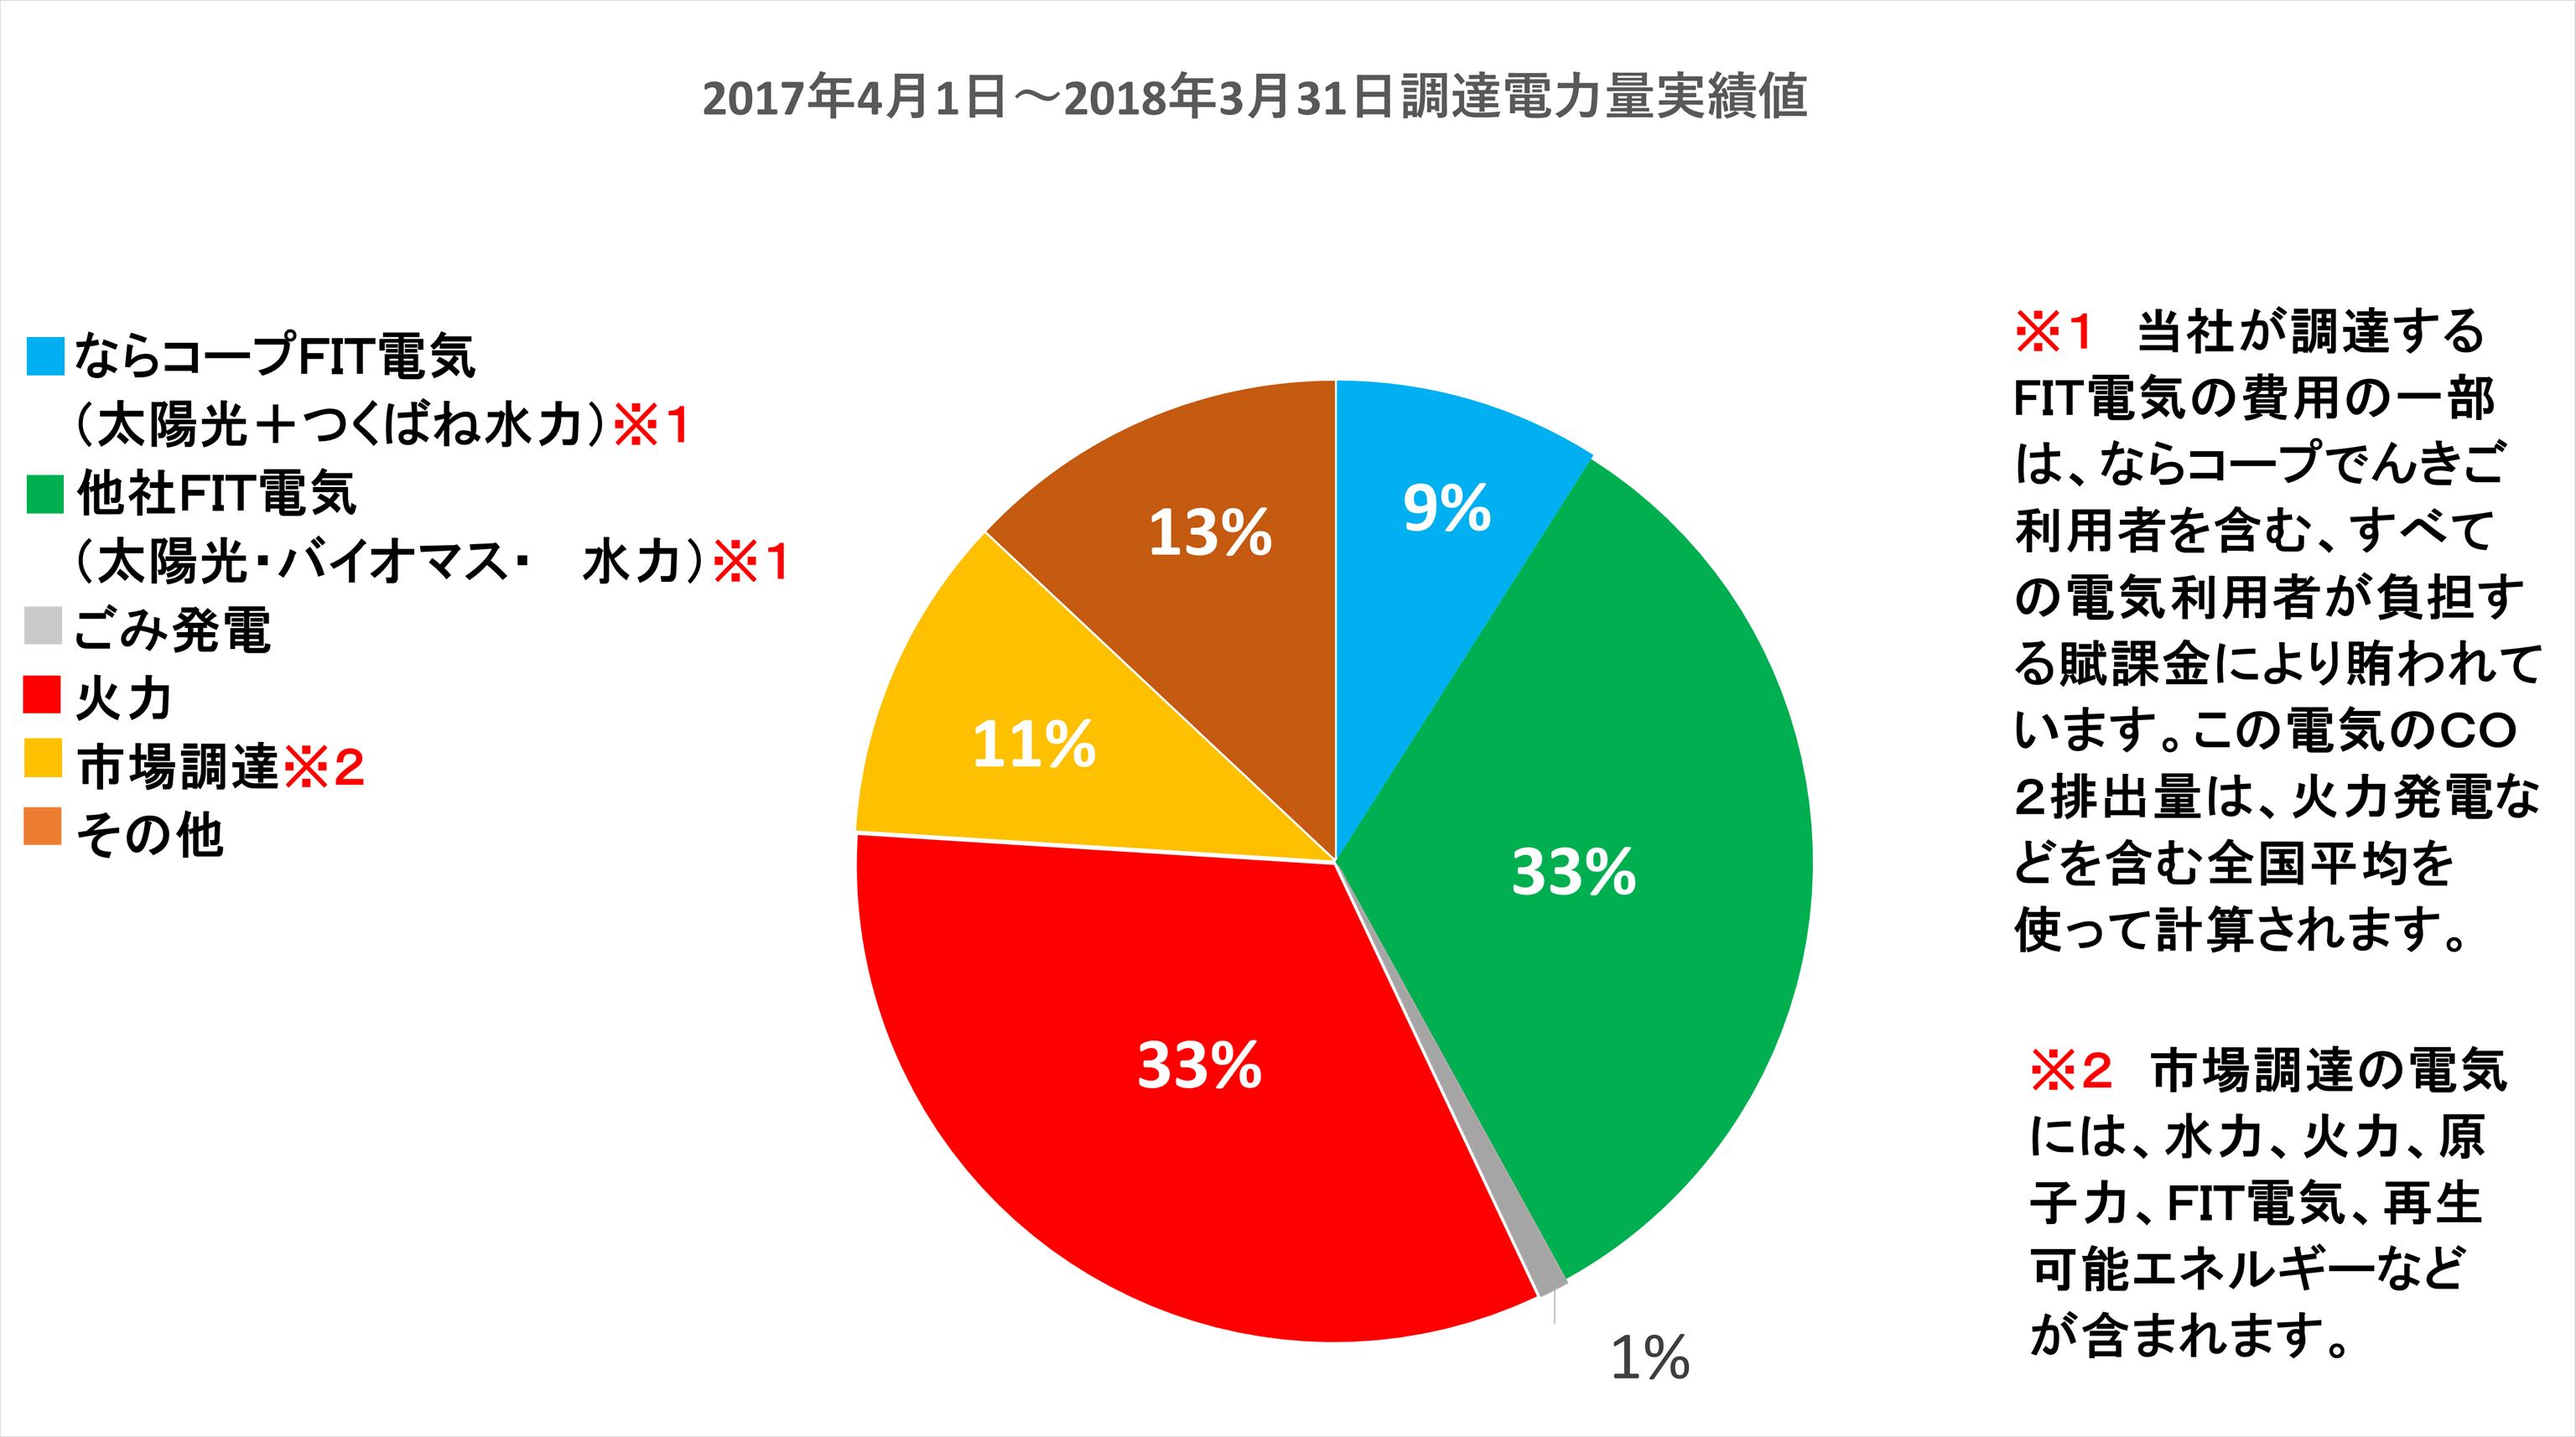 ならコープ太陽光+つくばね水力:9%、他社FIT電気(太陽光・バイオマス・水力):33%、ごみ発電:1%、火力:33%、市場調達:11%、その他:13%